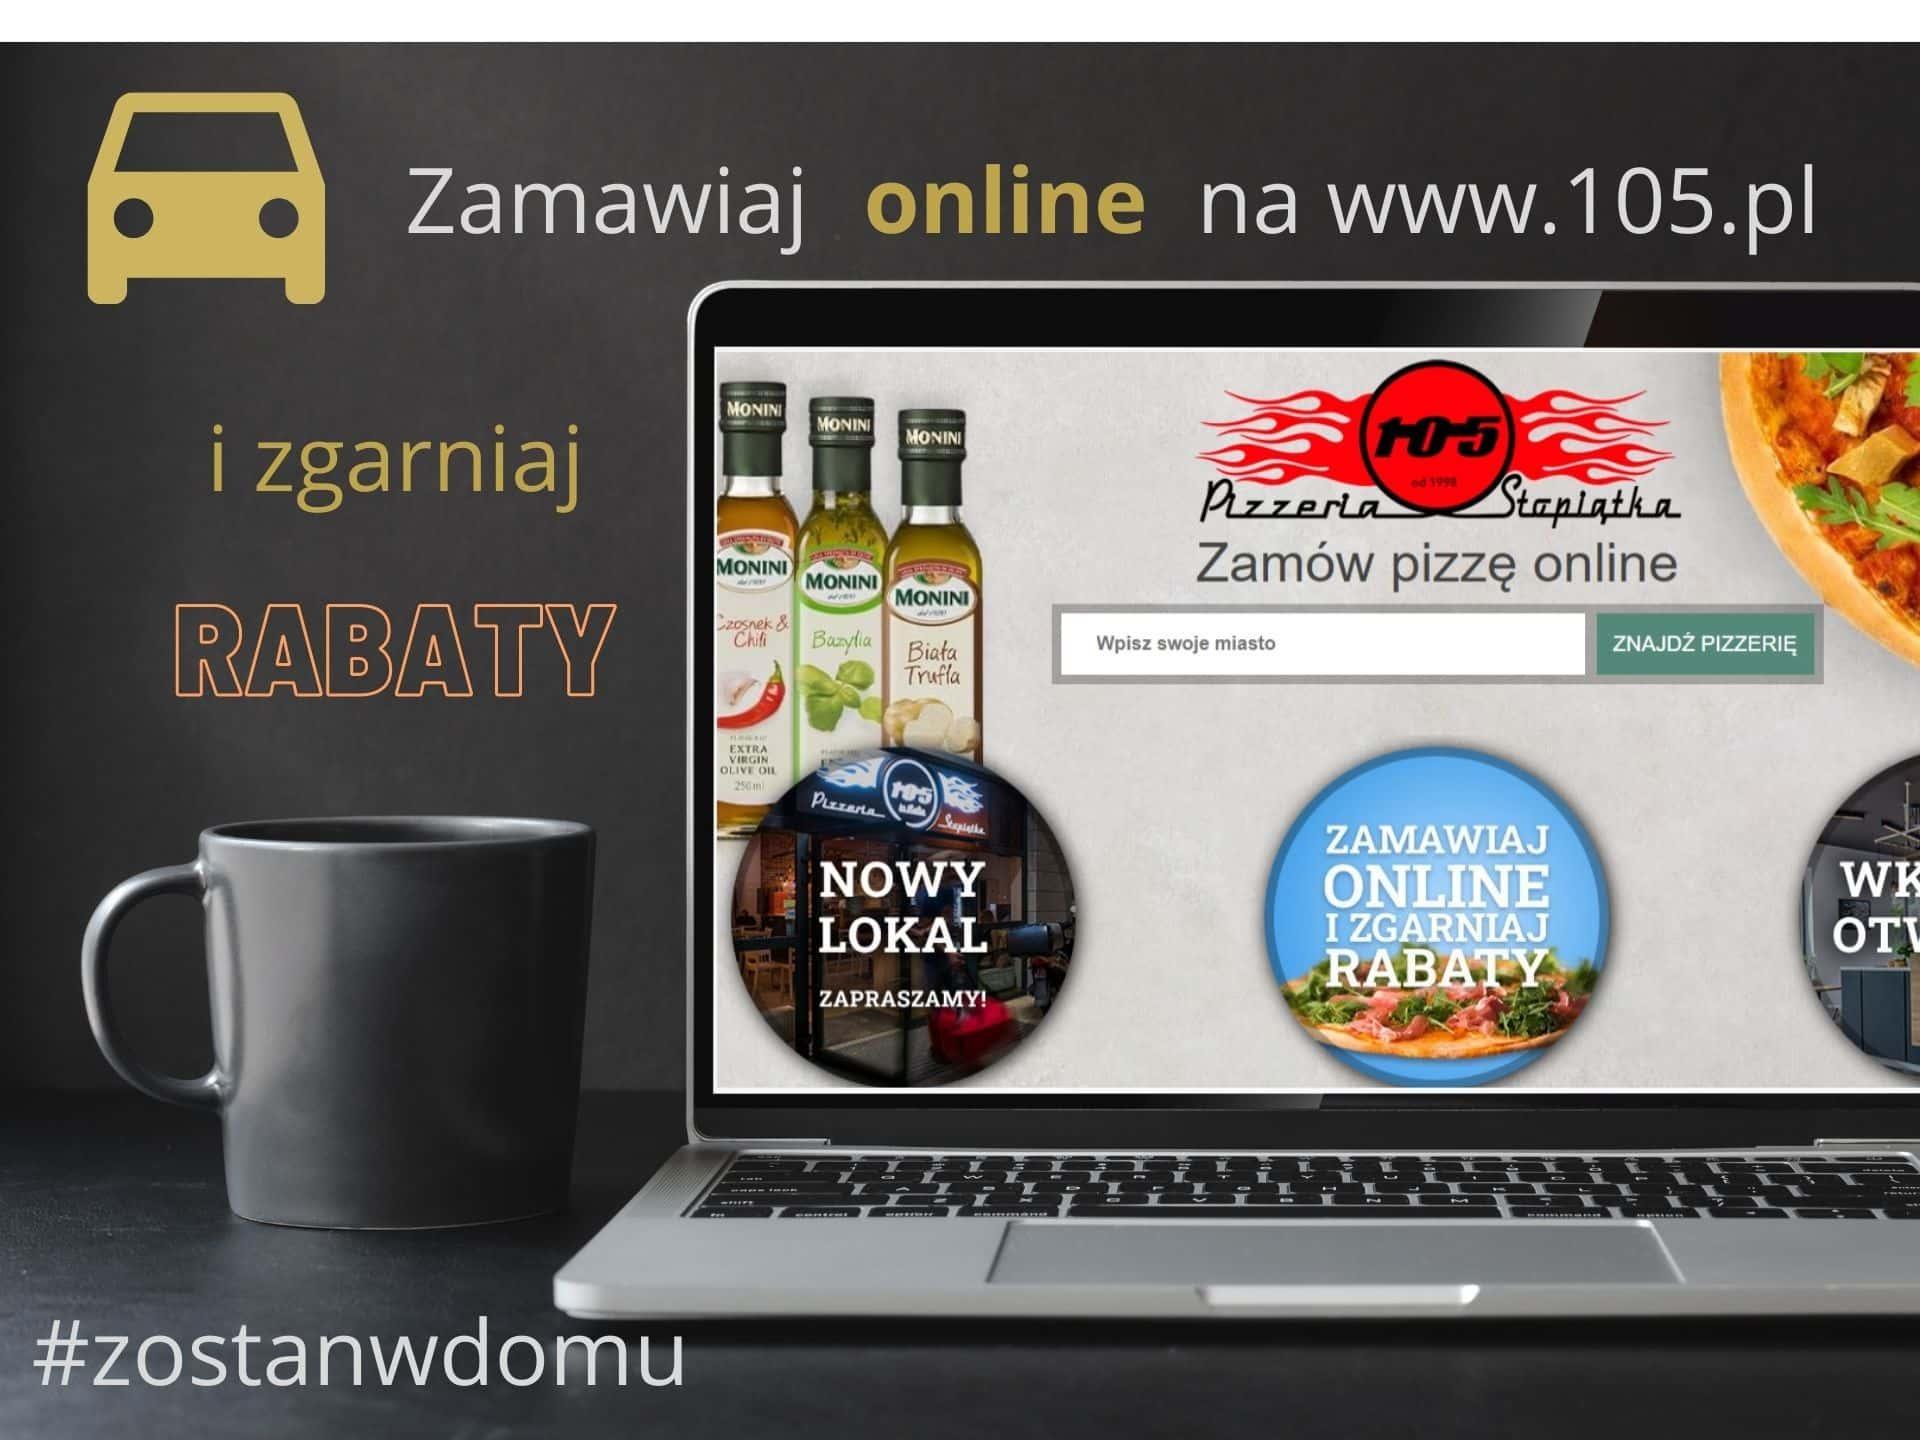 zostas w domu 02 Pizzeria Stopiątka otworzyła swój pierwszy lokal w Zamościu.